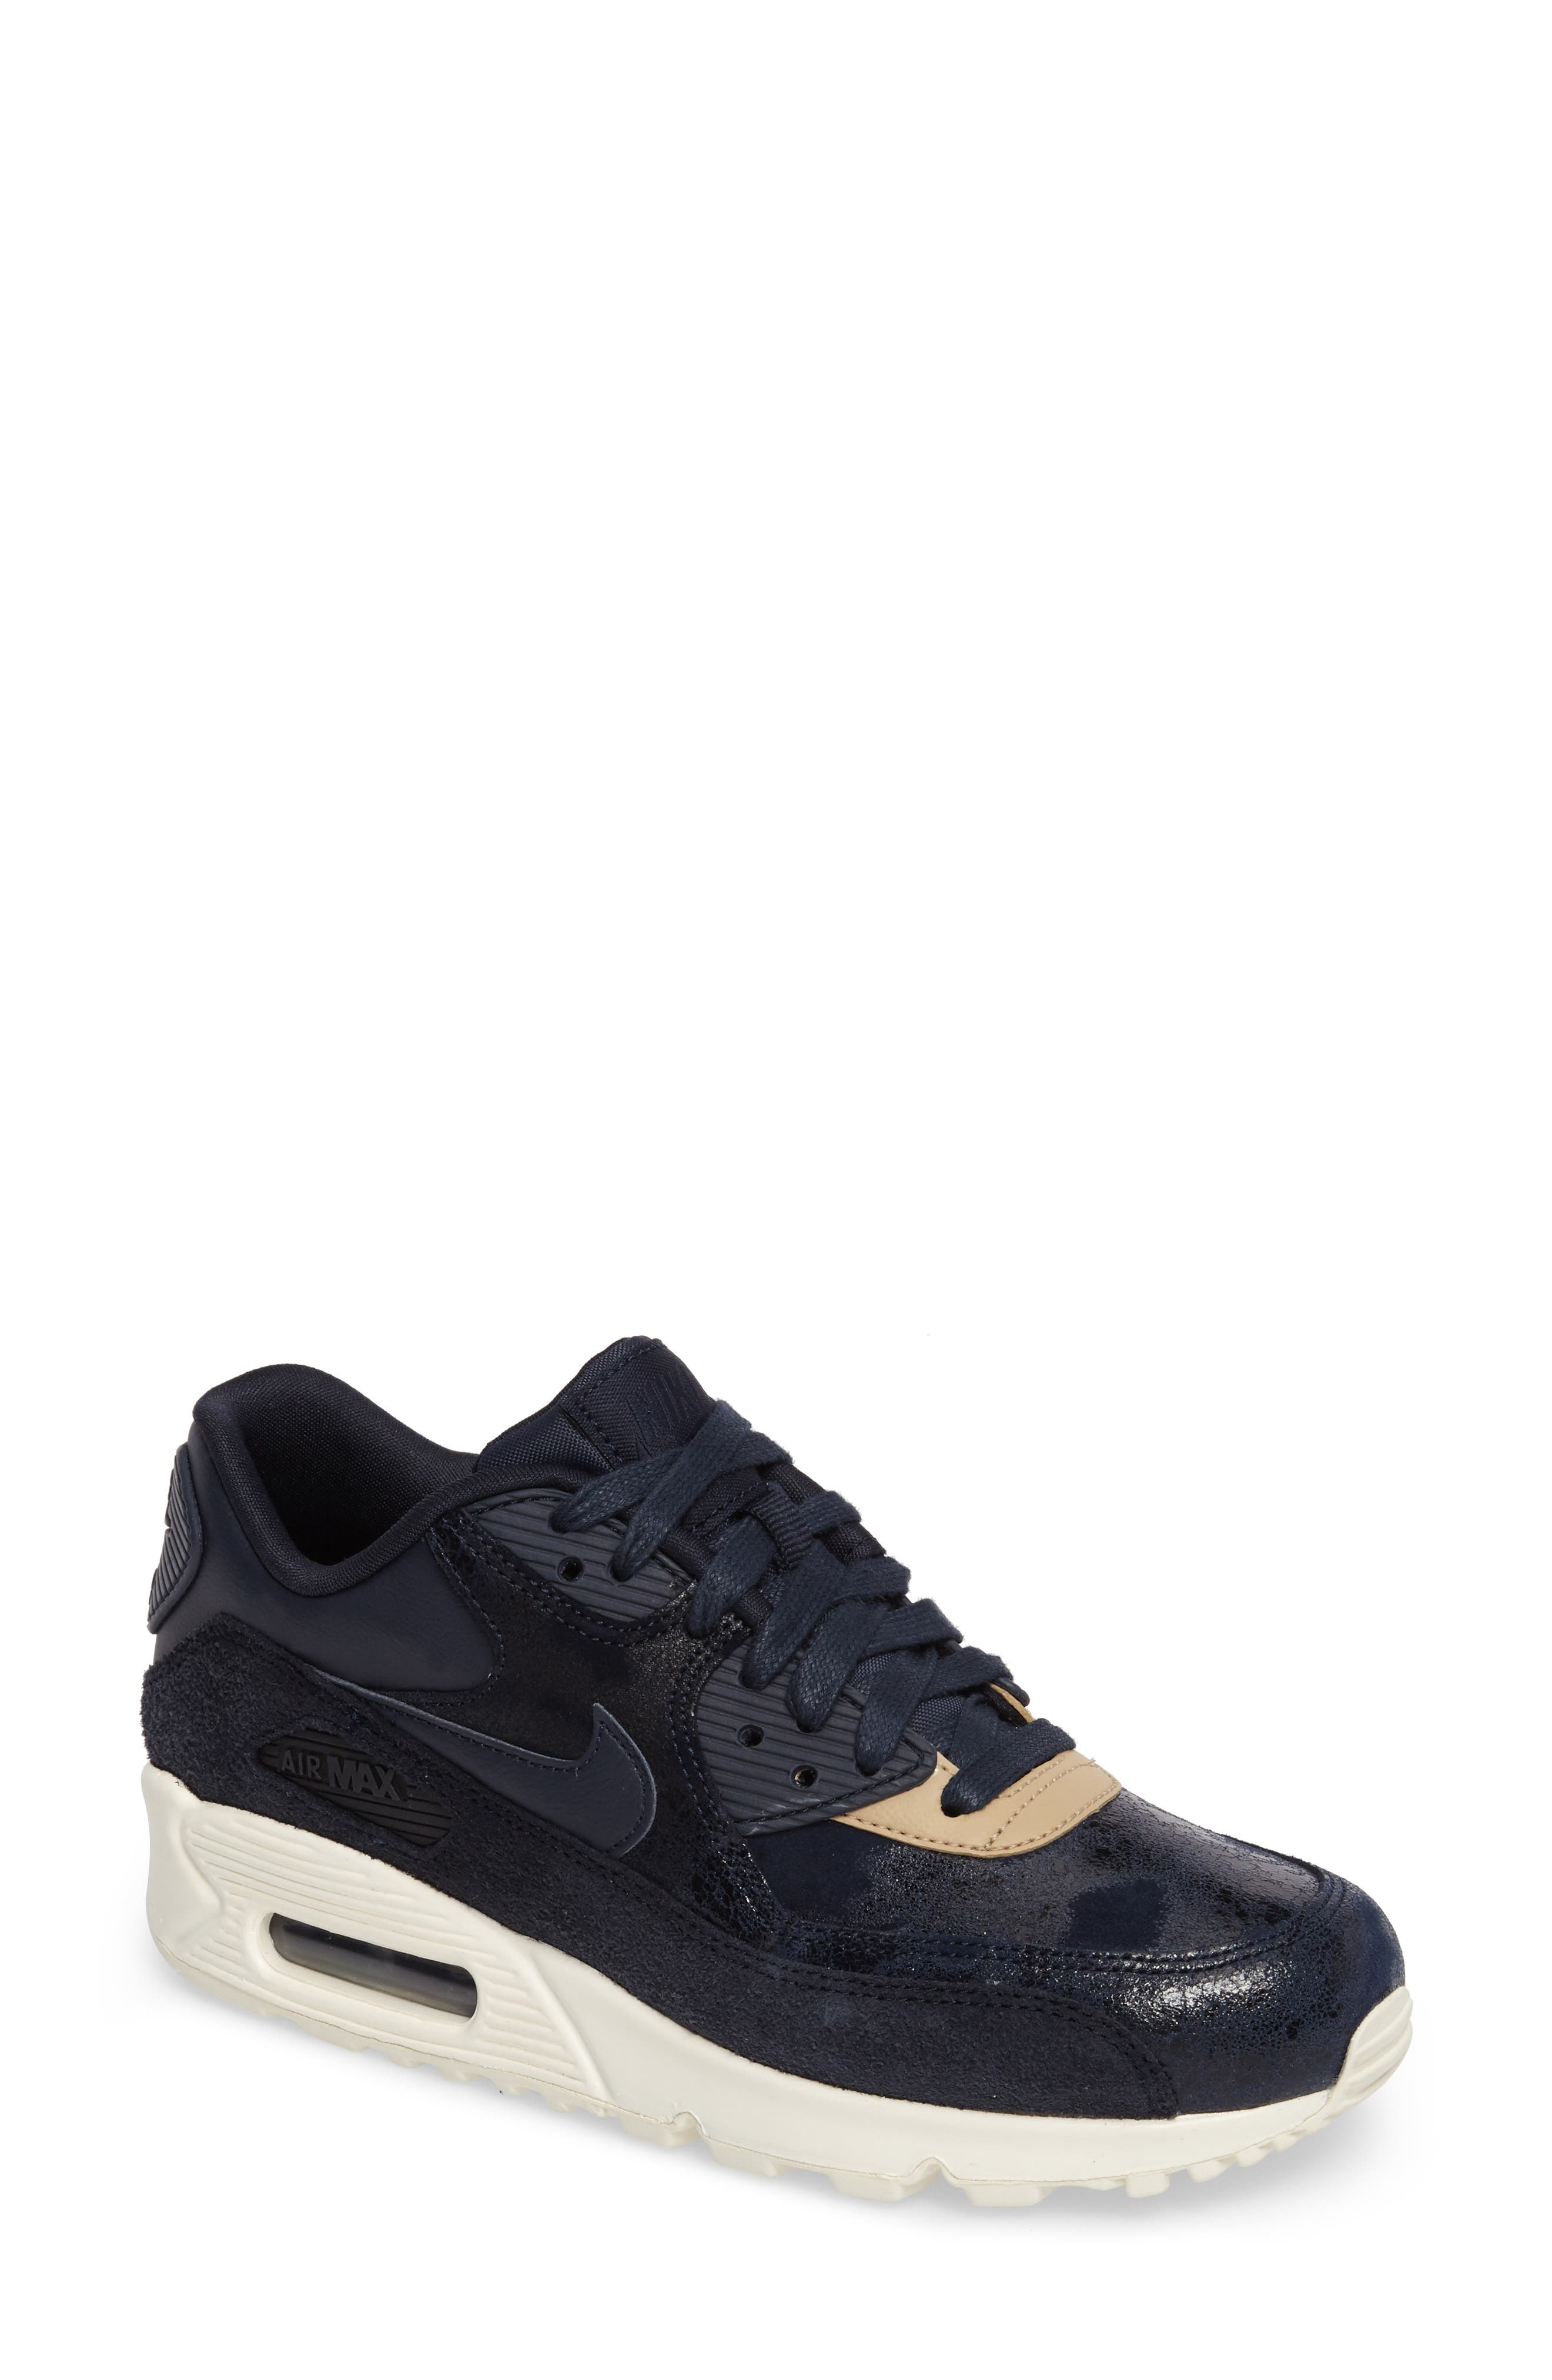 Nike Air Max 90 Premium Sneaker (Women)